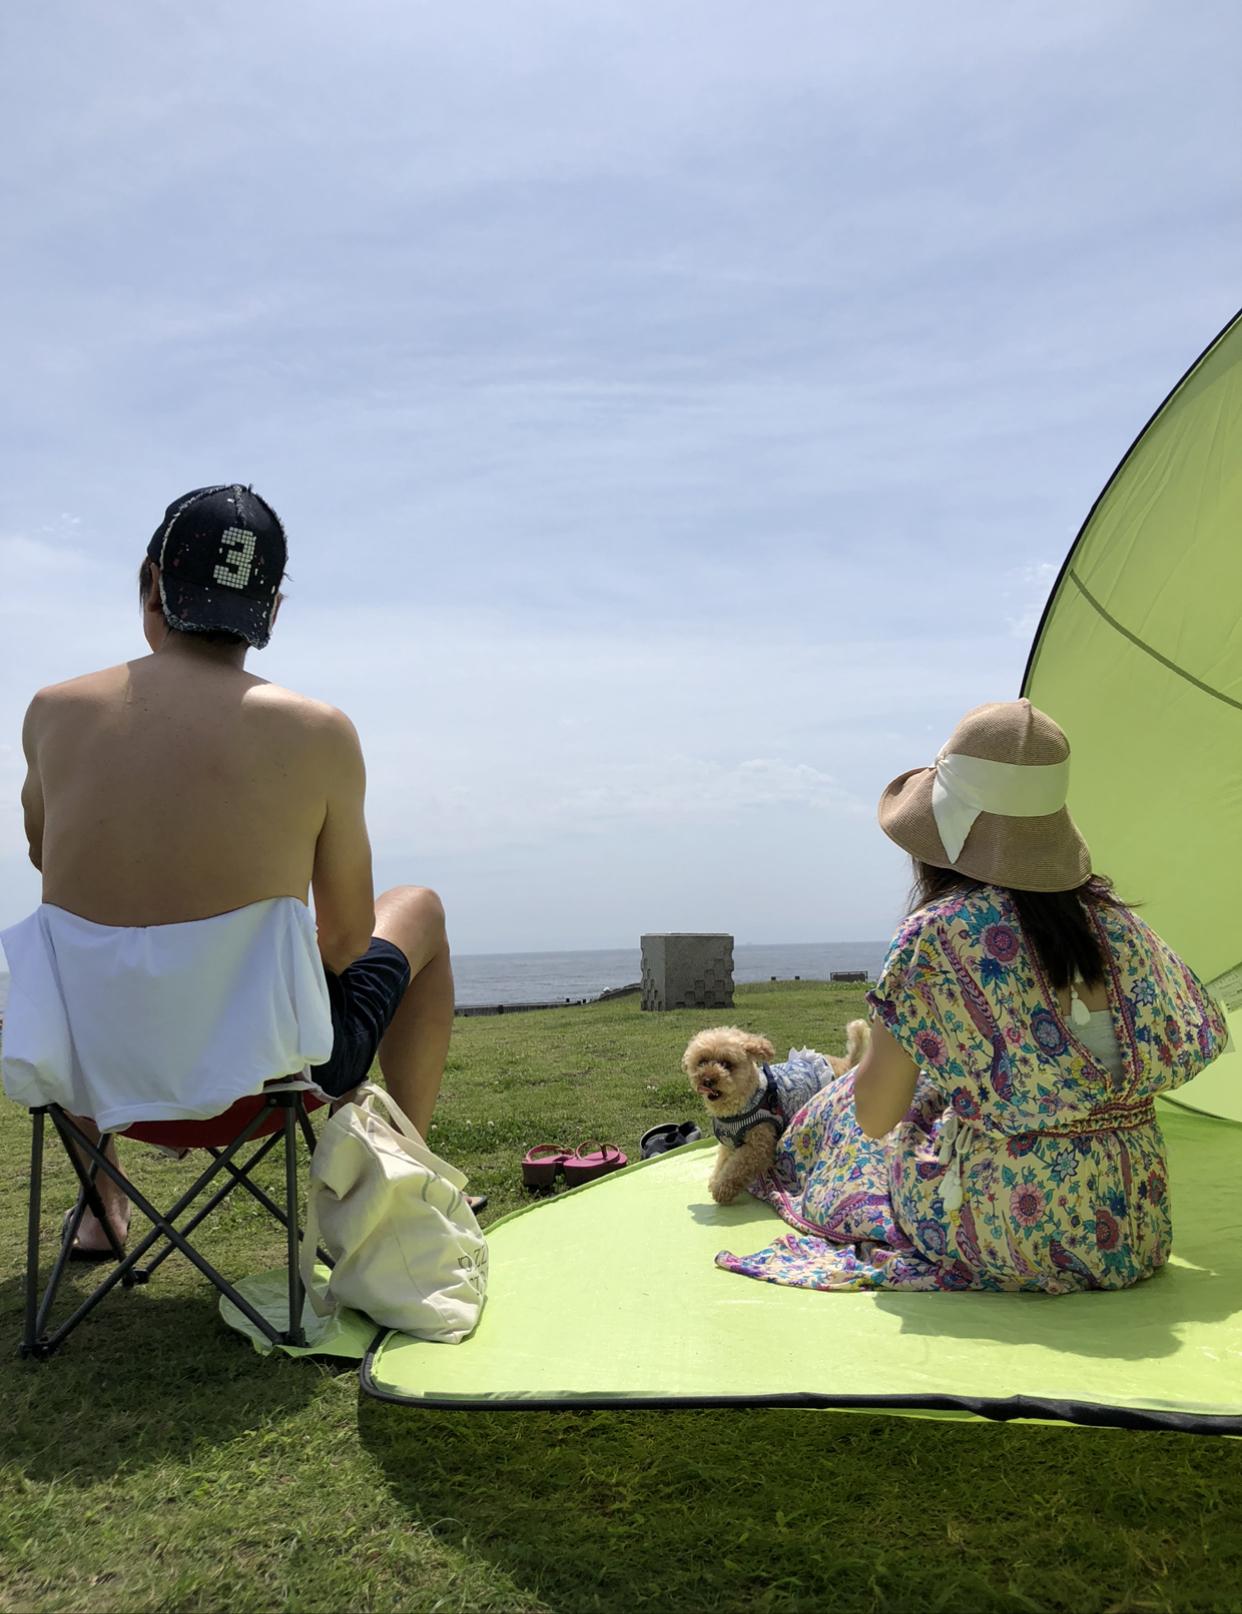 ボタニカル柄ワンピで過ごす夏の週末♪_1_3-1